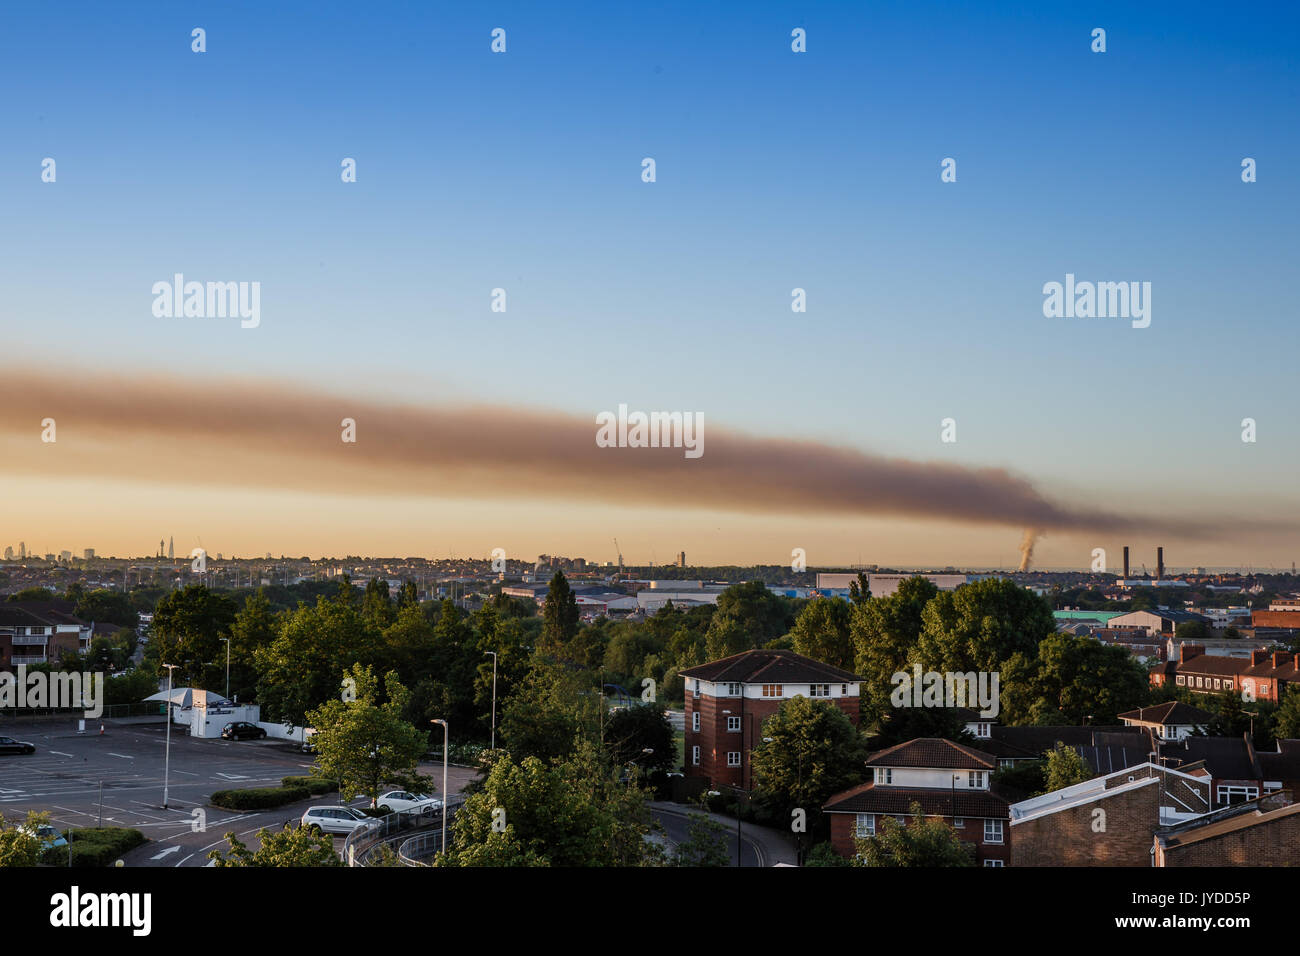 Énorme panache de fumée de l'incendie de la tour de Grenfell, visible dans tout Londres, s'étend le long de la skyline de Londres. Photo Stock